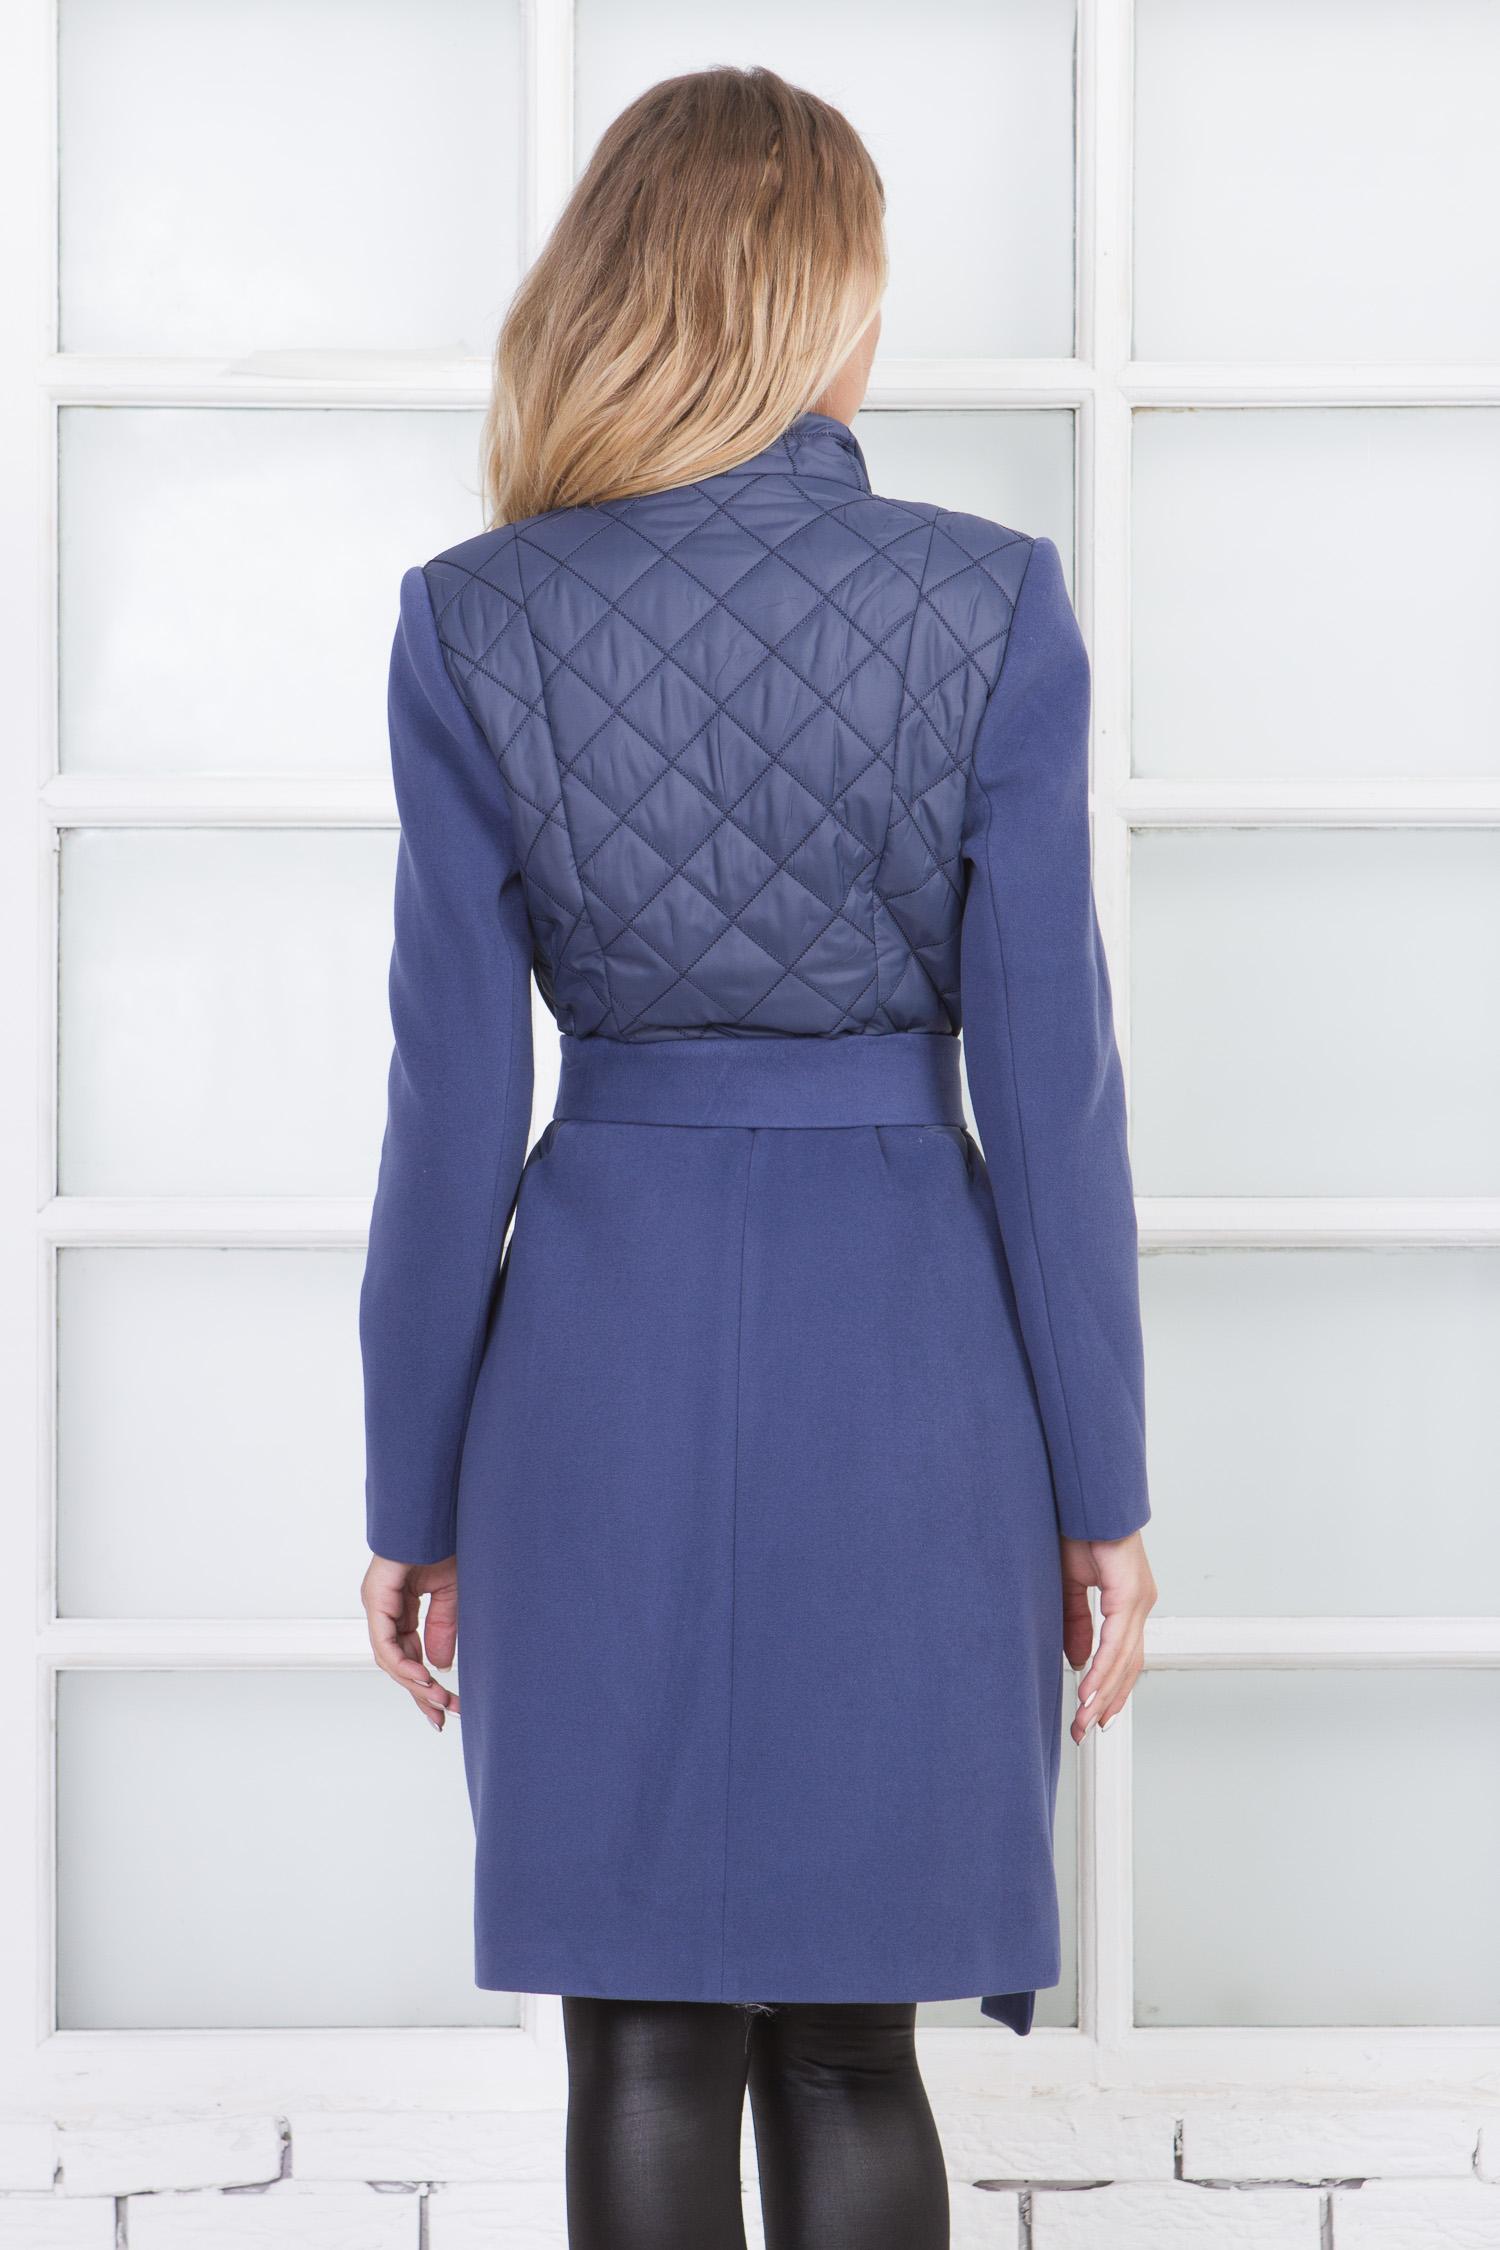 Фото 2 - Женское пальто из текстиля с воротником от МОСМЕХА сиреневого цвета